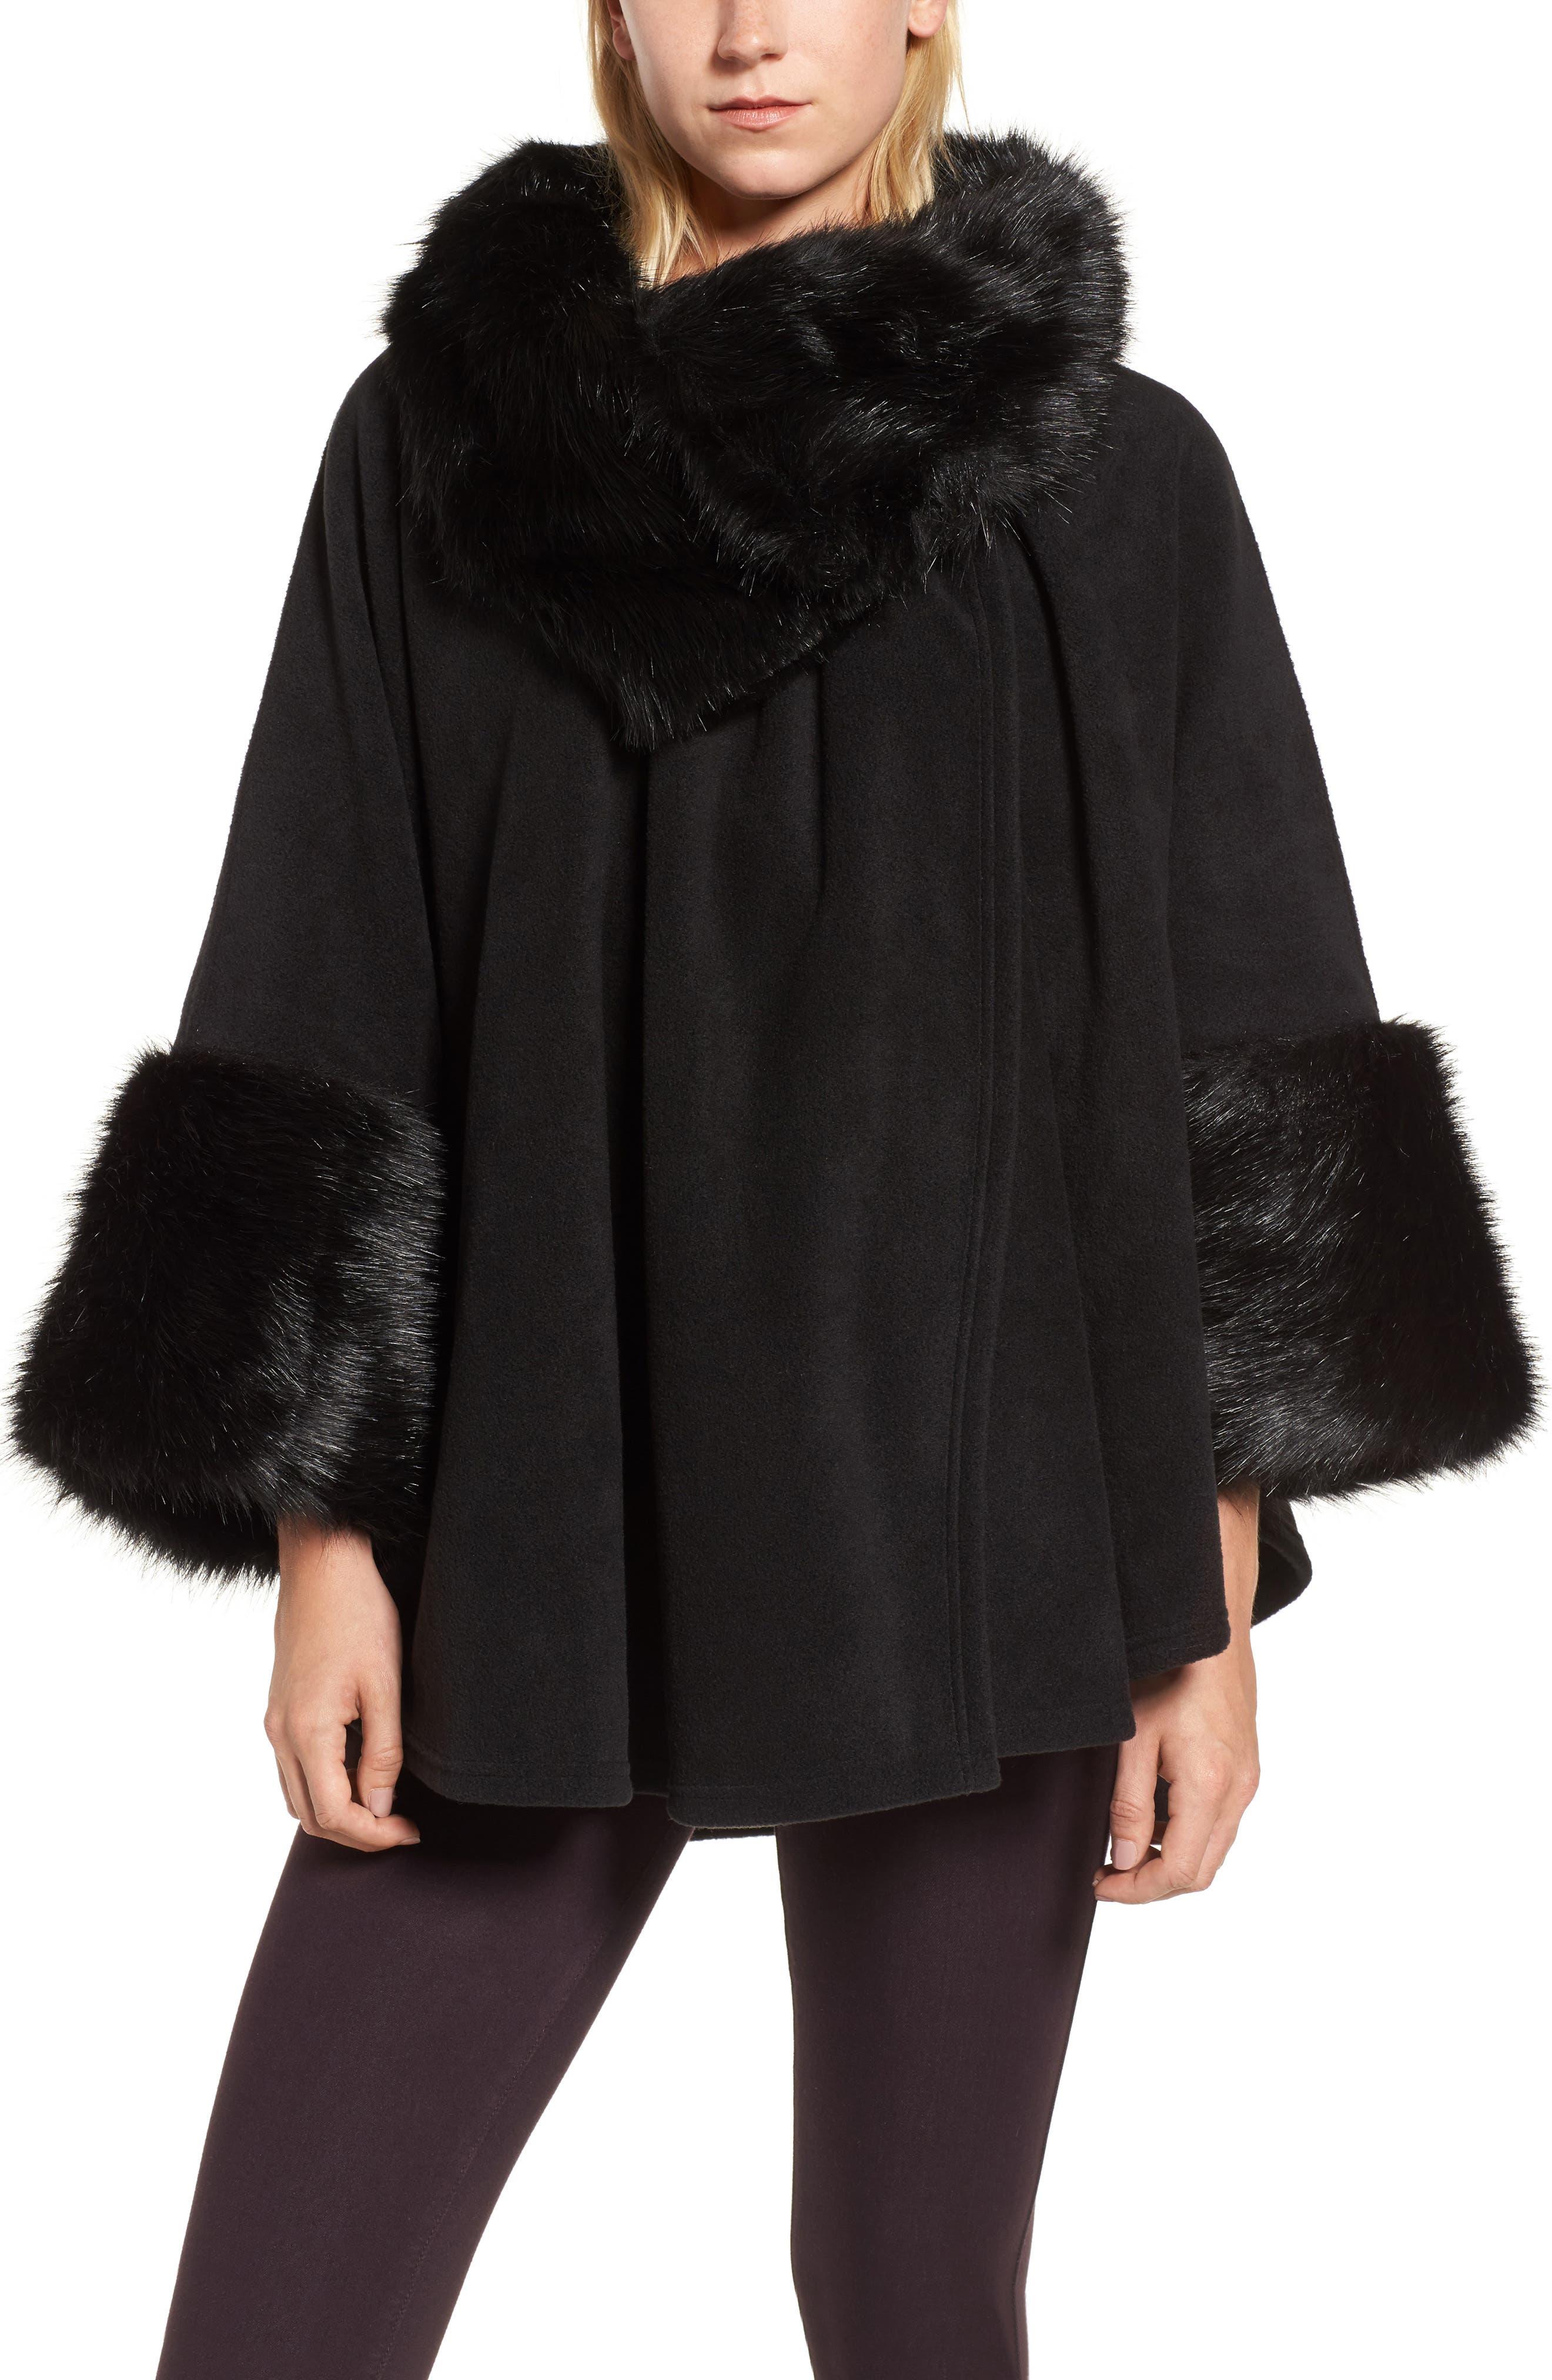 Alternate Image 1 Selected - Parkhurst Chelsea Cape with Faux Fur Trim